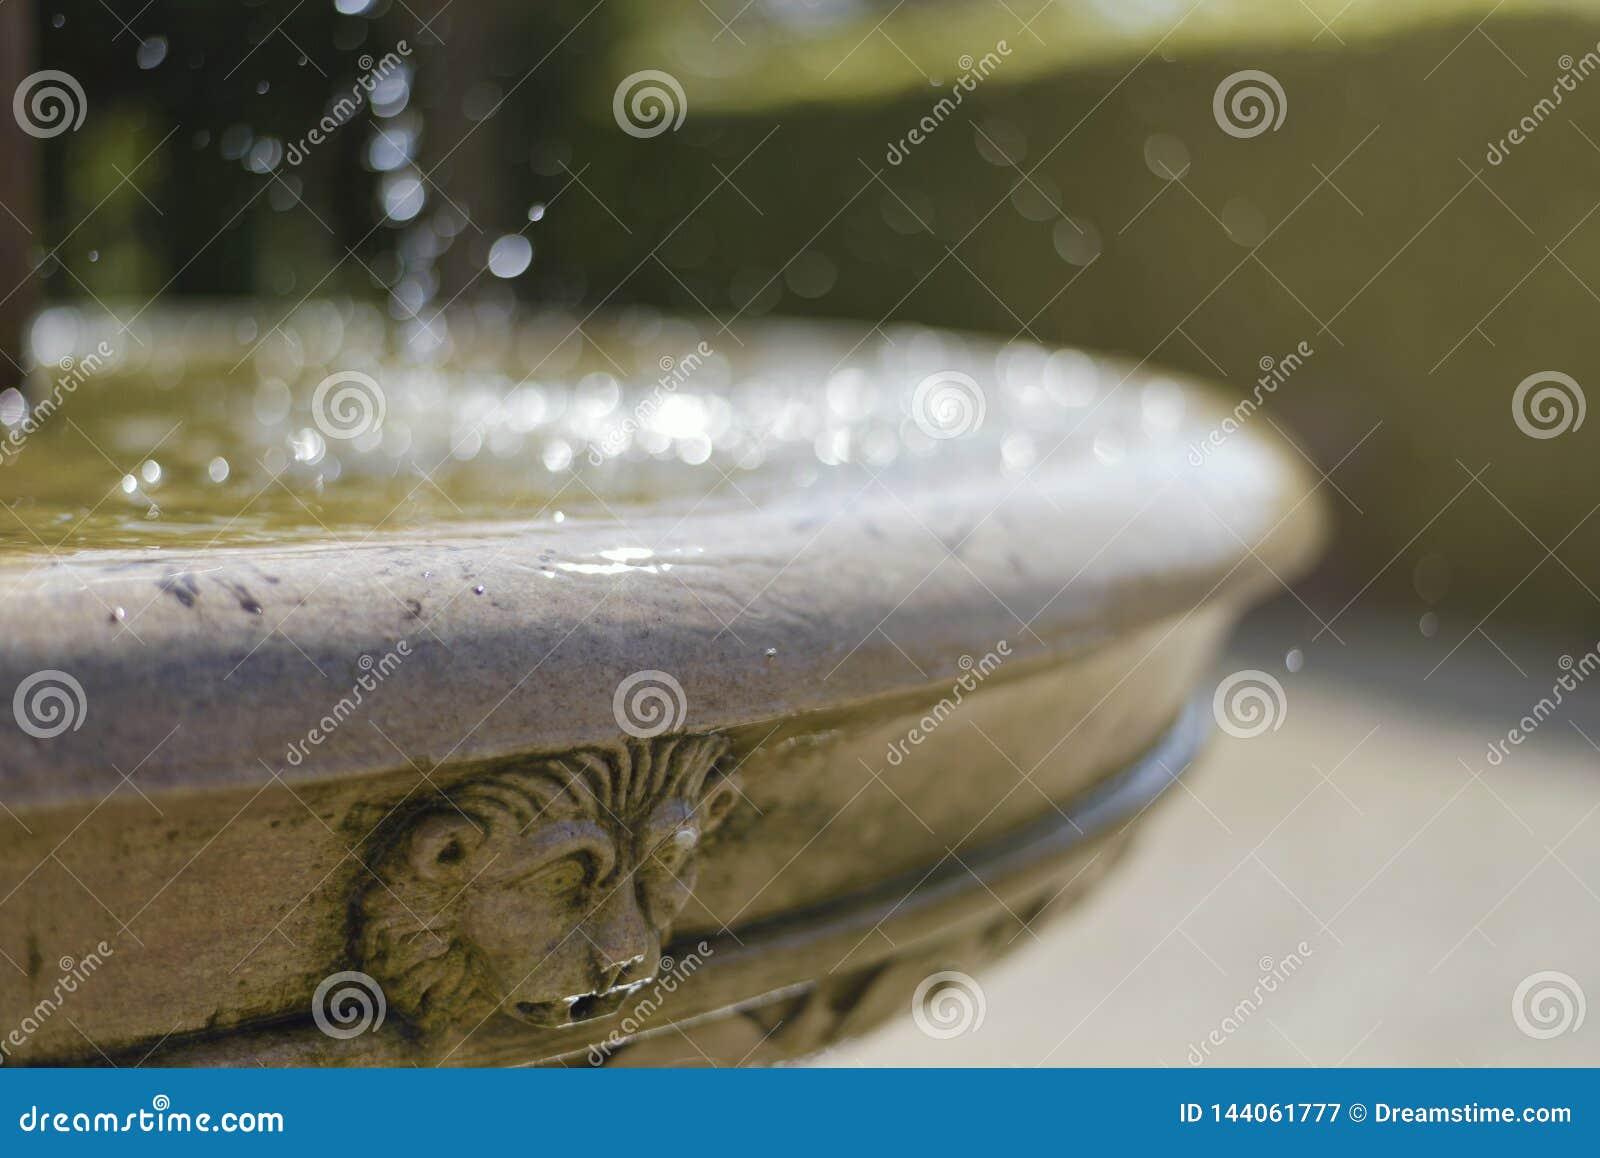 Stara fontanna z lew głową gorące letnie dni flash mrożone oznacza ruch chełbotania wody